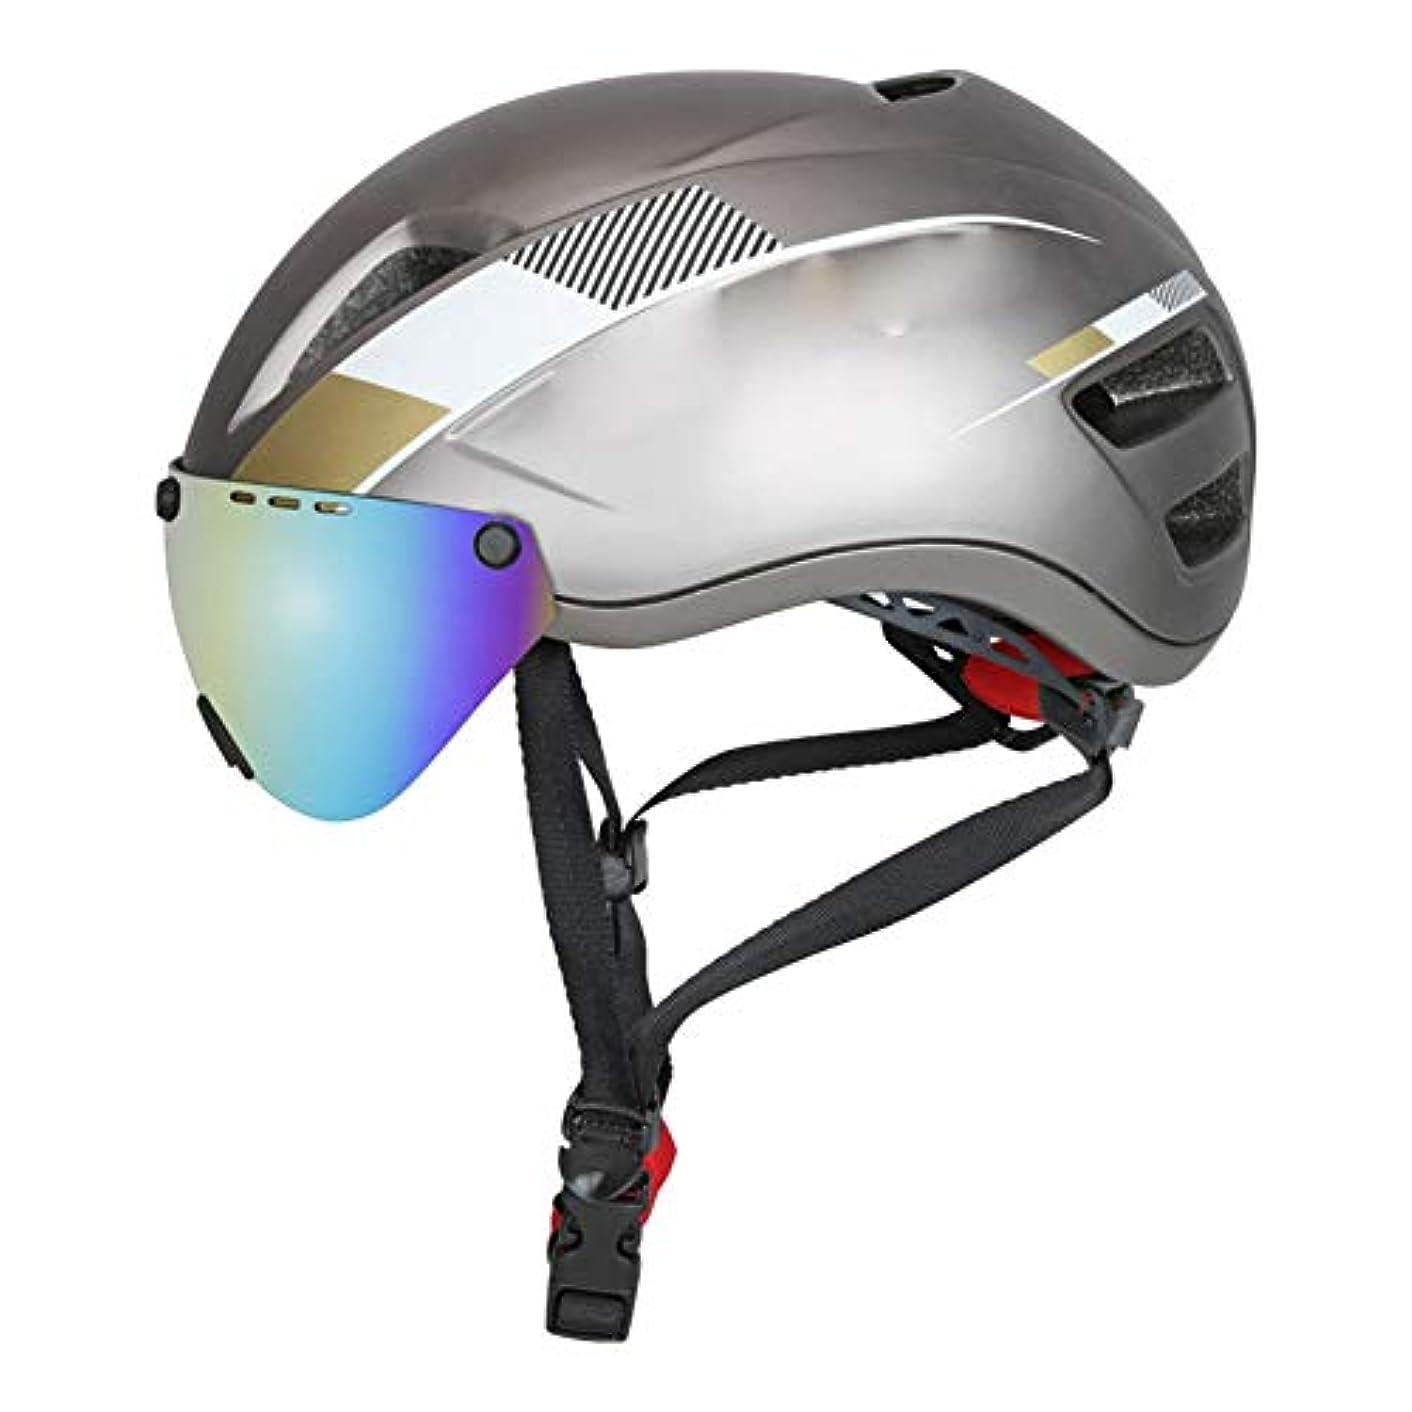 添付知り合いミニ自転車ヘルメット 大人用 軽量 通気性 スポーツヘルメット サイクリング スキー バイク スケートボード 保護用ヘルメット